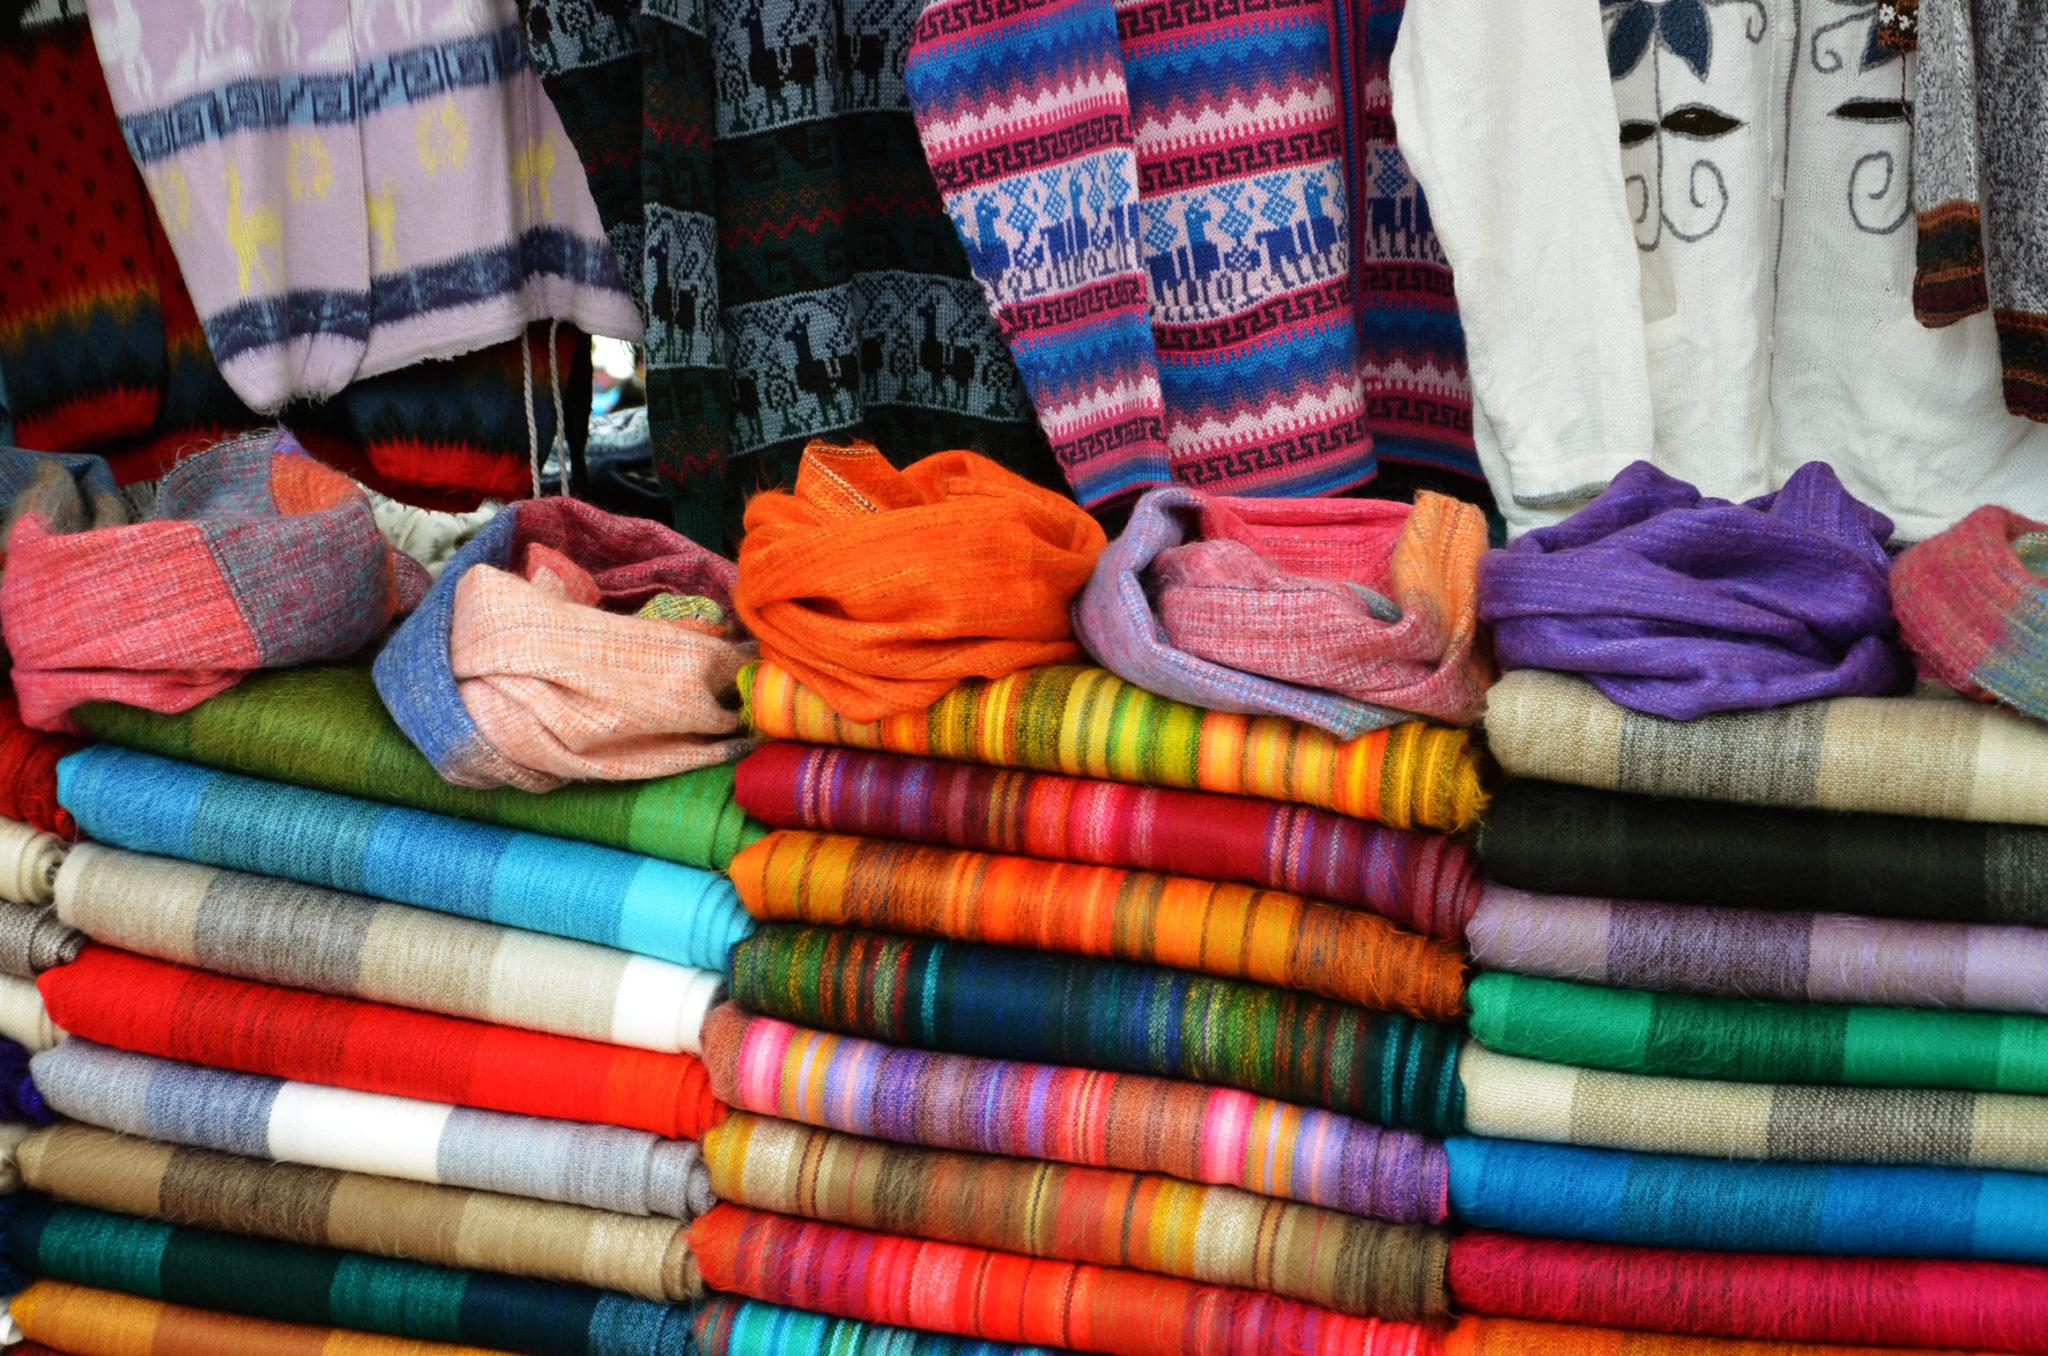 Sehenswuerdigkeiten-Ecuador-Otovalo-Andenmarkt-Handwerksmarkt